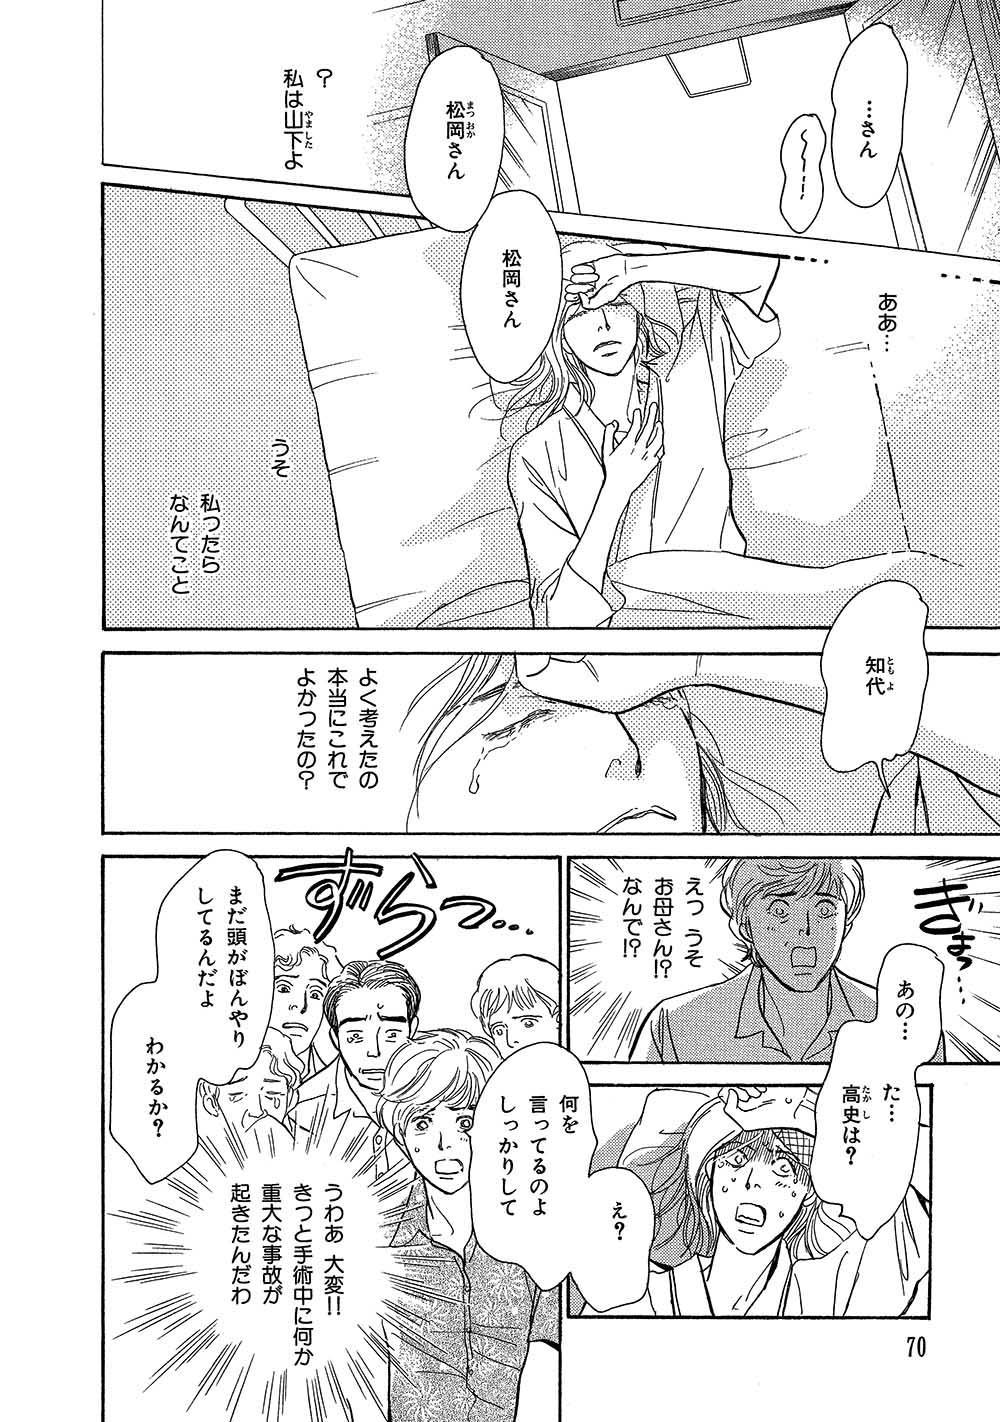 hyakki_0016_0074.jpg